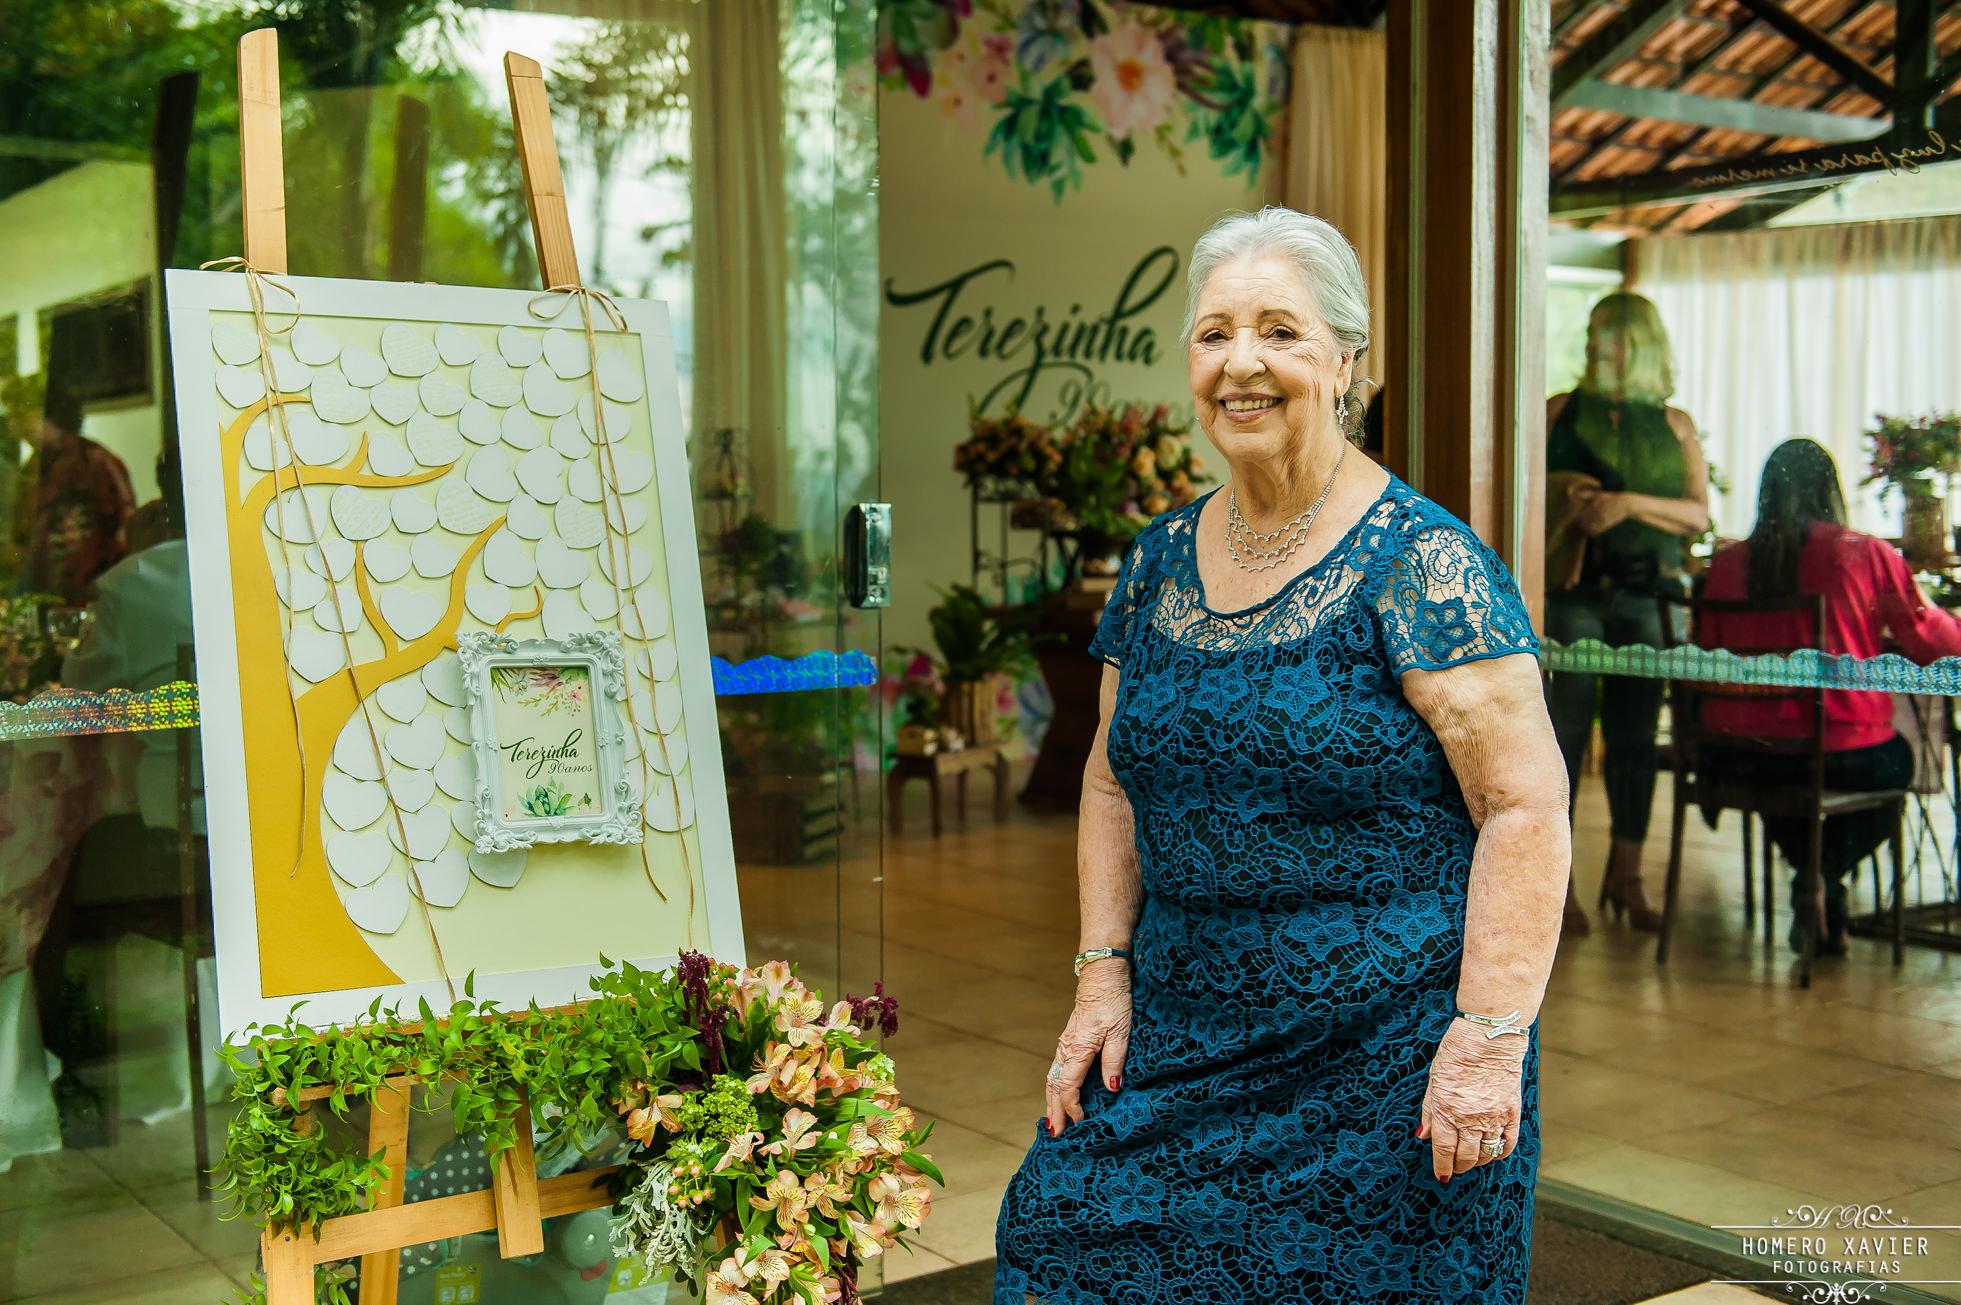 fotografia aniversario 90 anos em BH